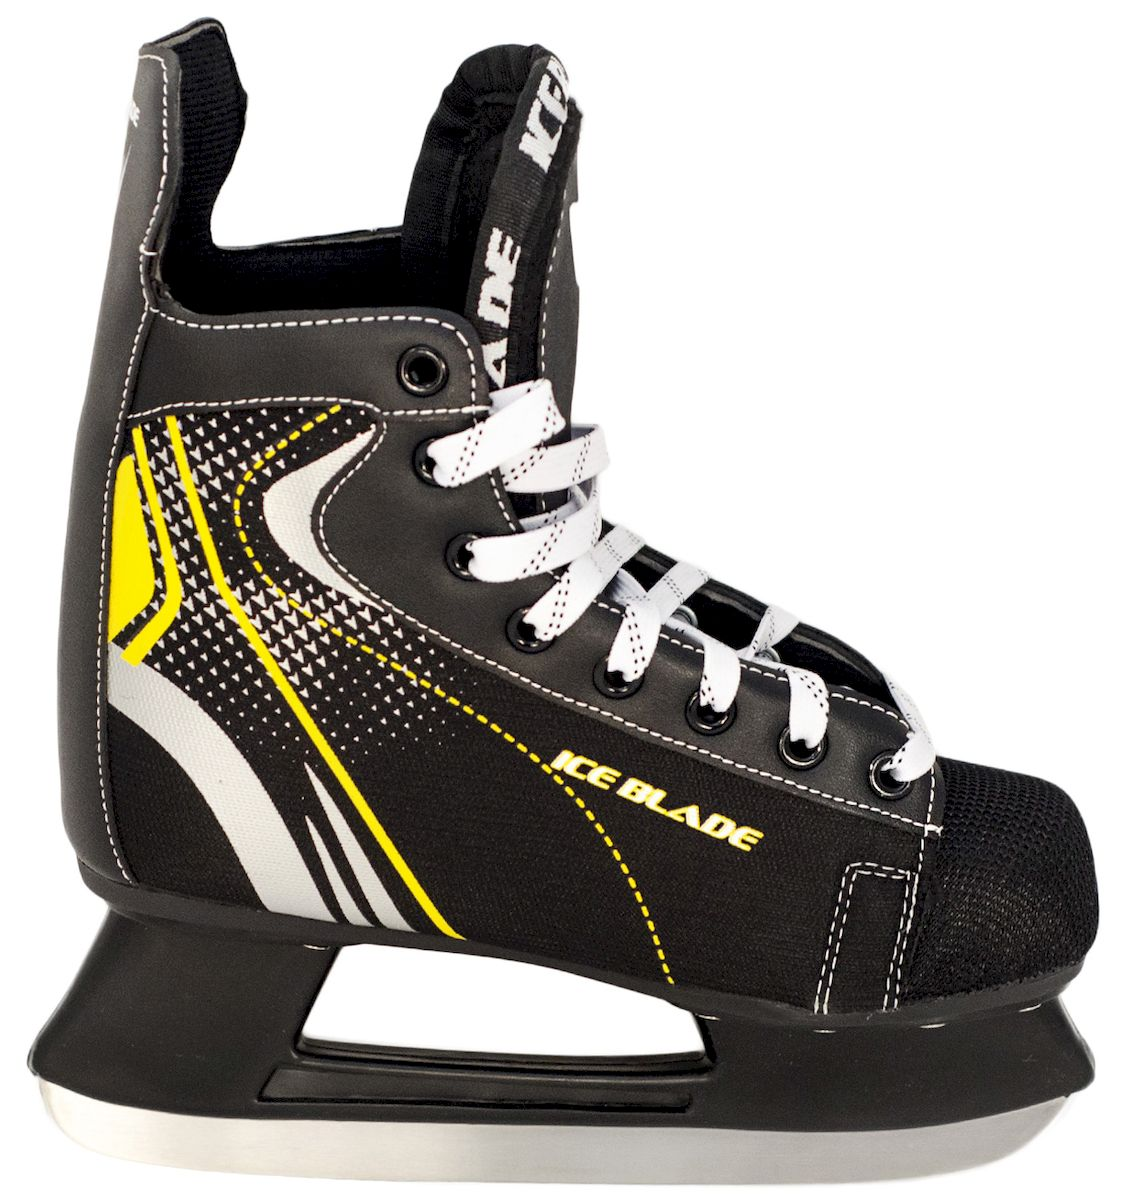 Коньки хоккейные Ice Blade Shark, цвет: черный, желтый. УТ-00006841. Размер 45УТ-00006841Коньки хоккейные Shark имеют модный яркий дизайн, поэтому данная модель очень популярна у любителей хоккея.Ботинок выполнен из искусственной кожи, высокопрочной нейлоновой ткани и ударостойкого пластика. Лезвие изготовлено из высокоуглеродистой стали с покрытием из никеля, что гарантирует прочность и долговечность. В качестве внутренней отделки используется вельветин с утеплителем. Коньки поставляются с заводской заточкой лезвия, что позволяет сразу приступить к катанию, не тратя время и денег на заточку. Коньки подходят для использования на открытом и закрытом льду.Удобная система фиксации ноги и улучшенная колодка сделают катание комфортным и безопасным.